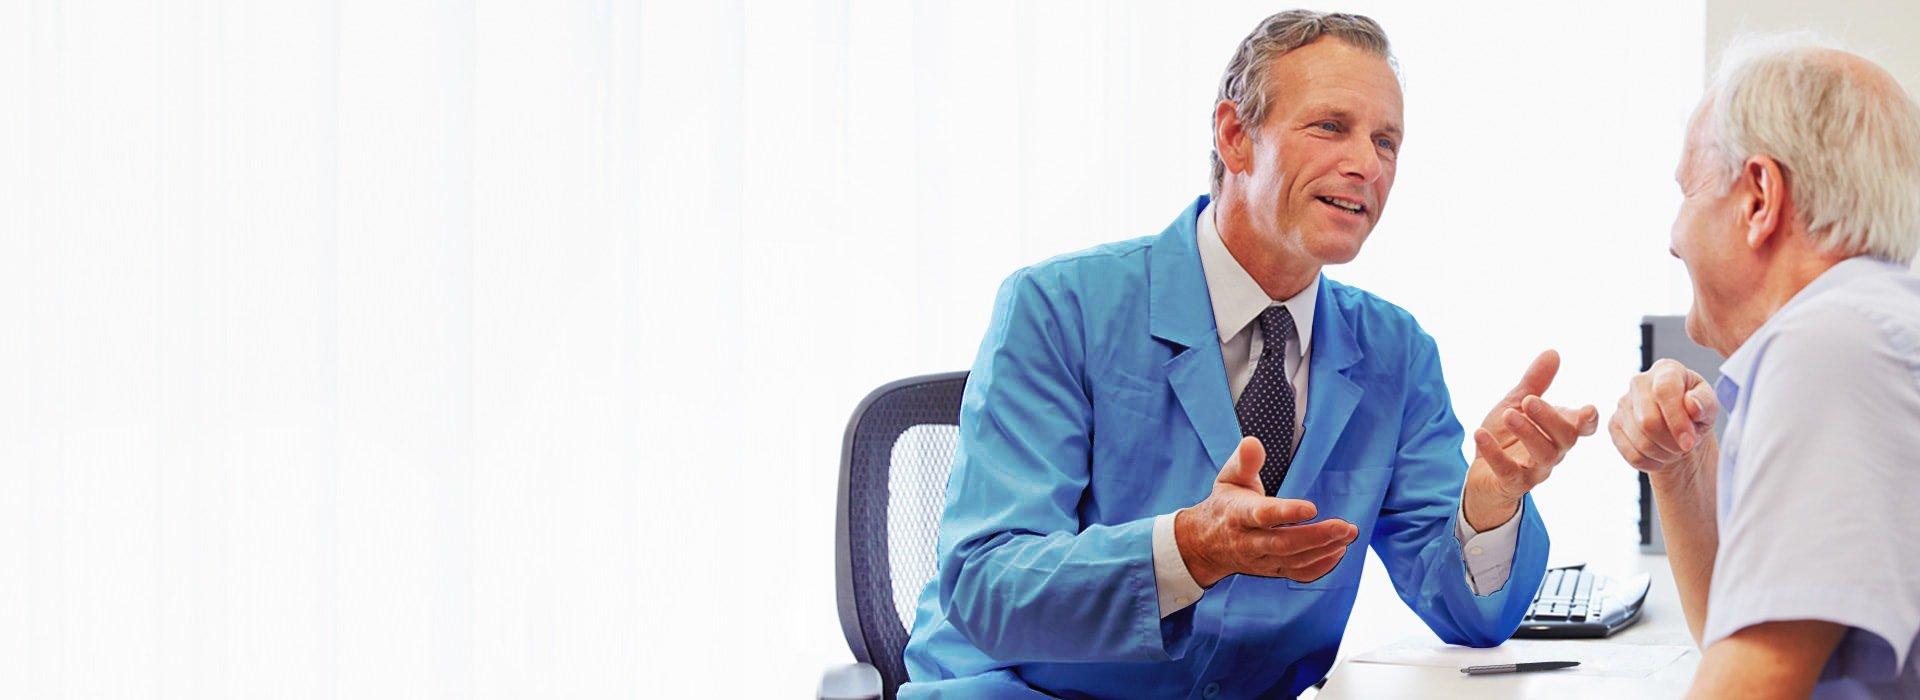 청력 관리 전문가 또는 청각사/청능사와 상담하는 남성